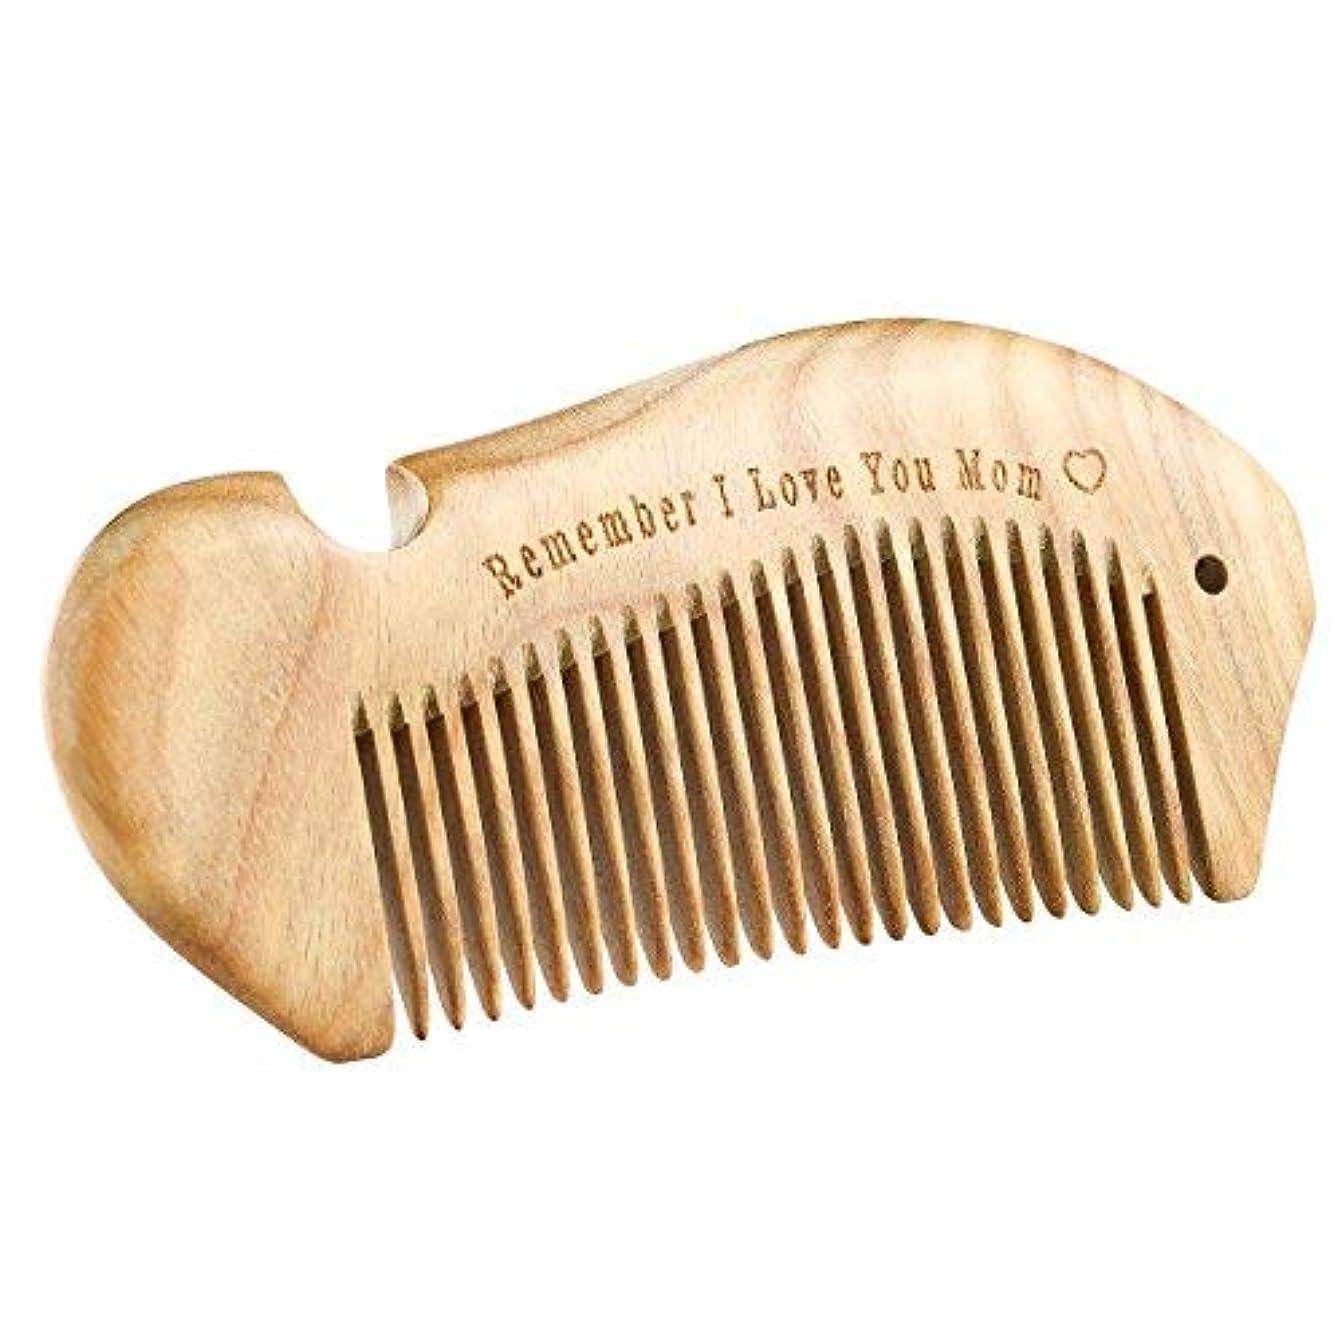 負担デッキ管理i.VALUX Handmade Sandalwood Hair Comb,No Static Natural Aroma Wood Comb for Curly Hair [並行輸入品]